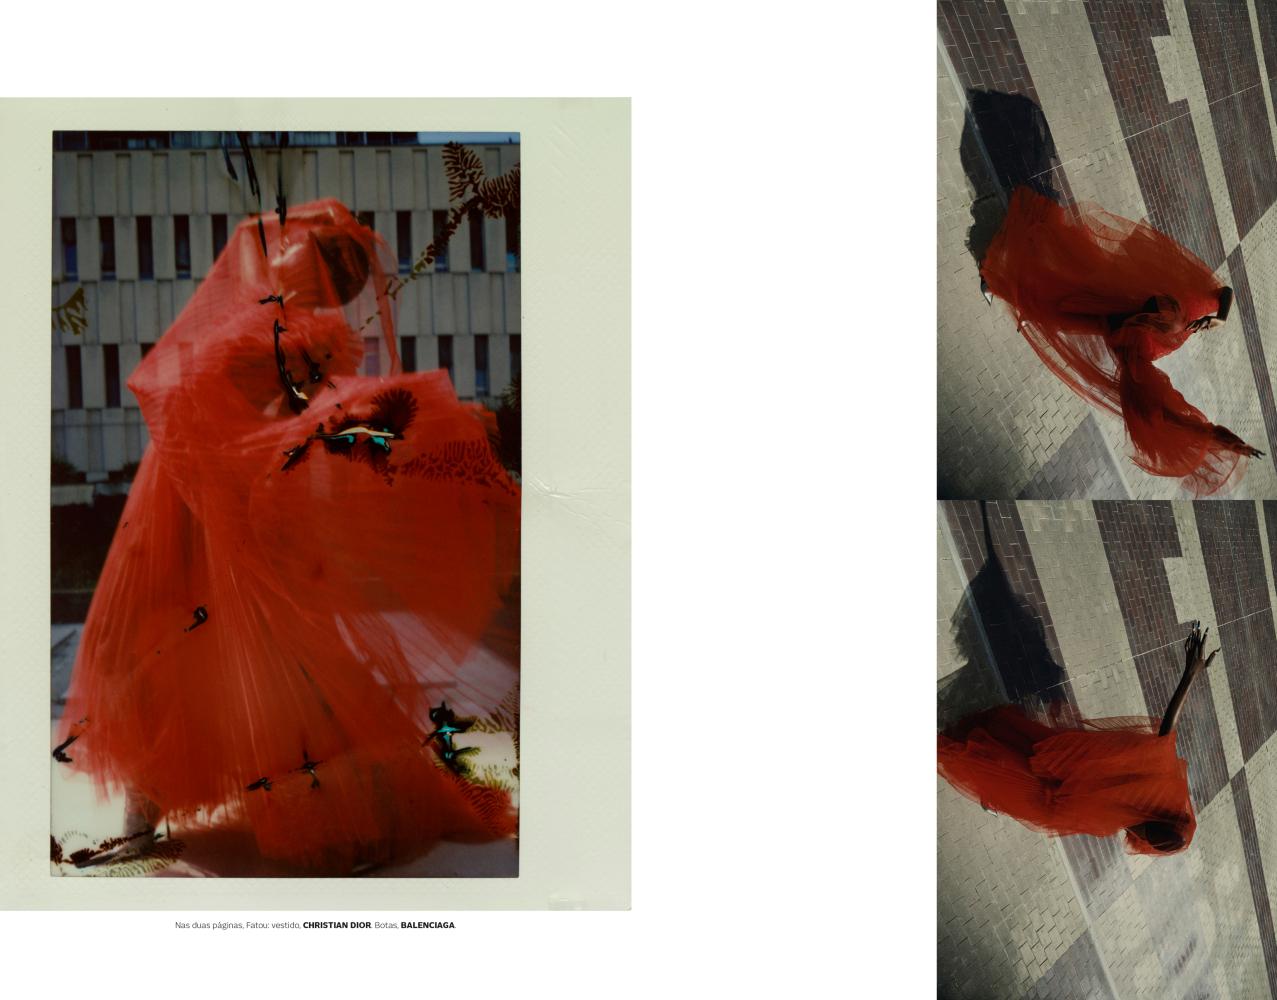 Fatou - Hilde Van Mas - Vogue Portugal - August 21